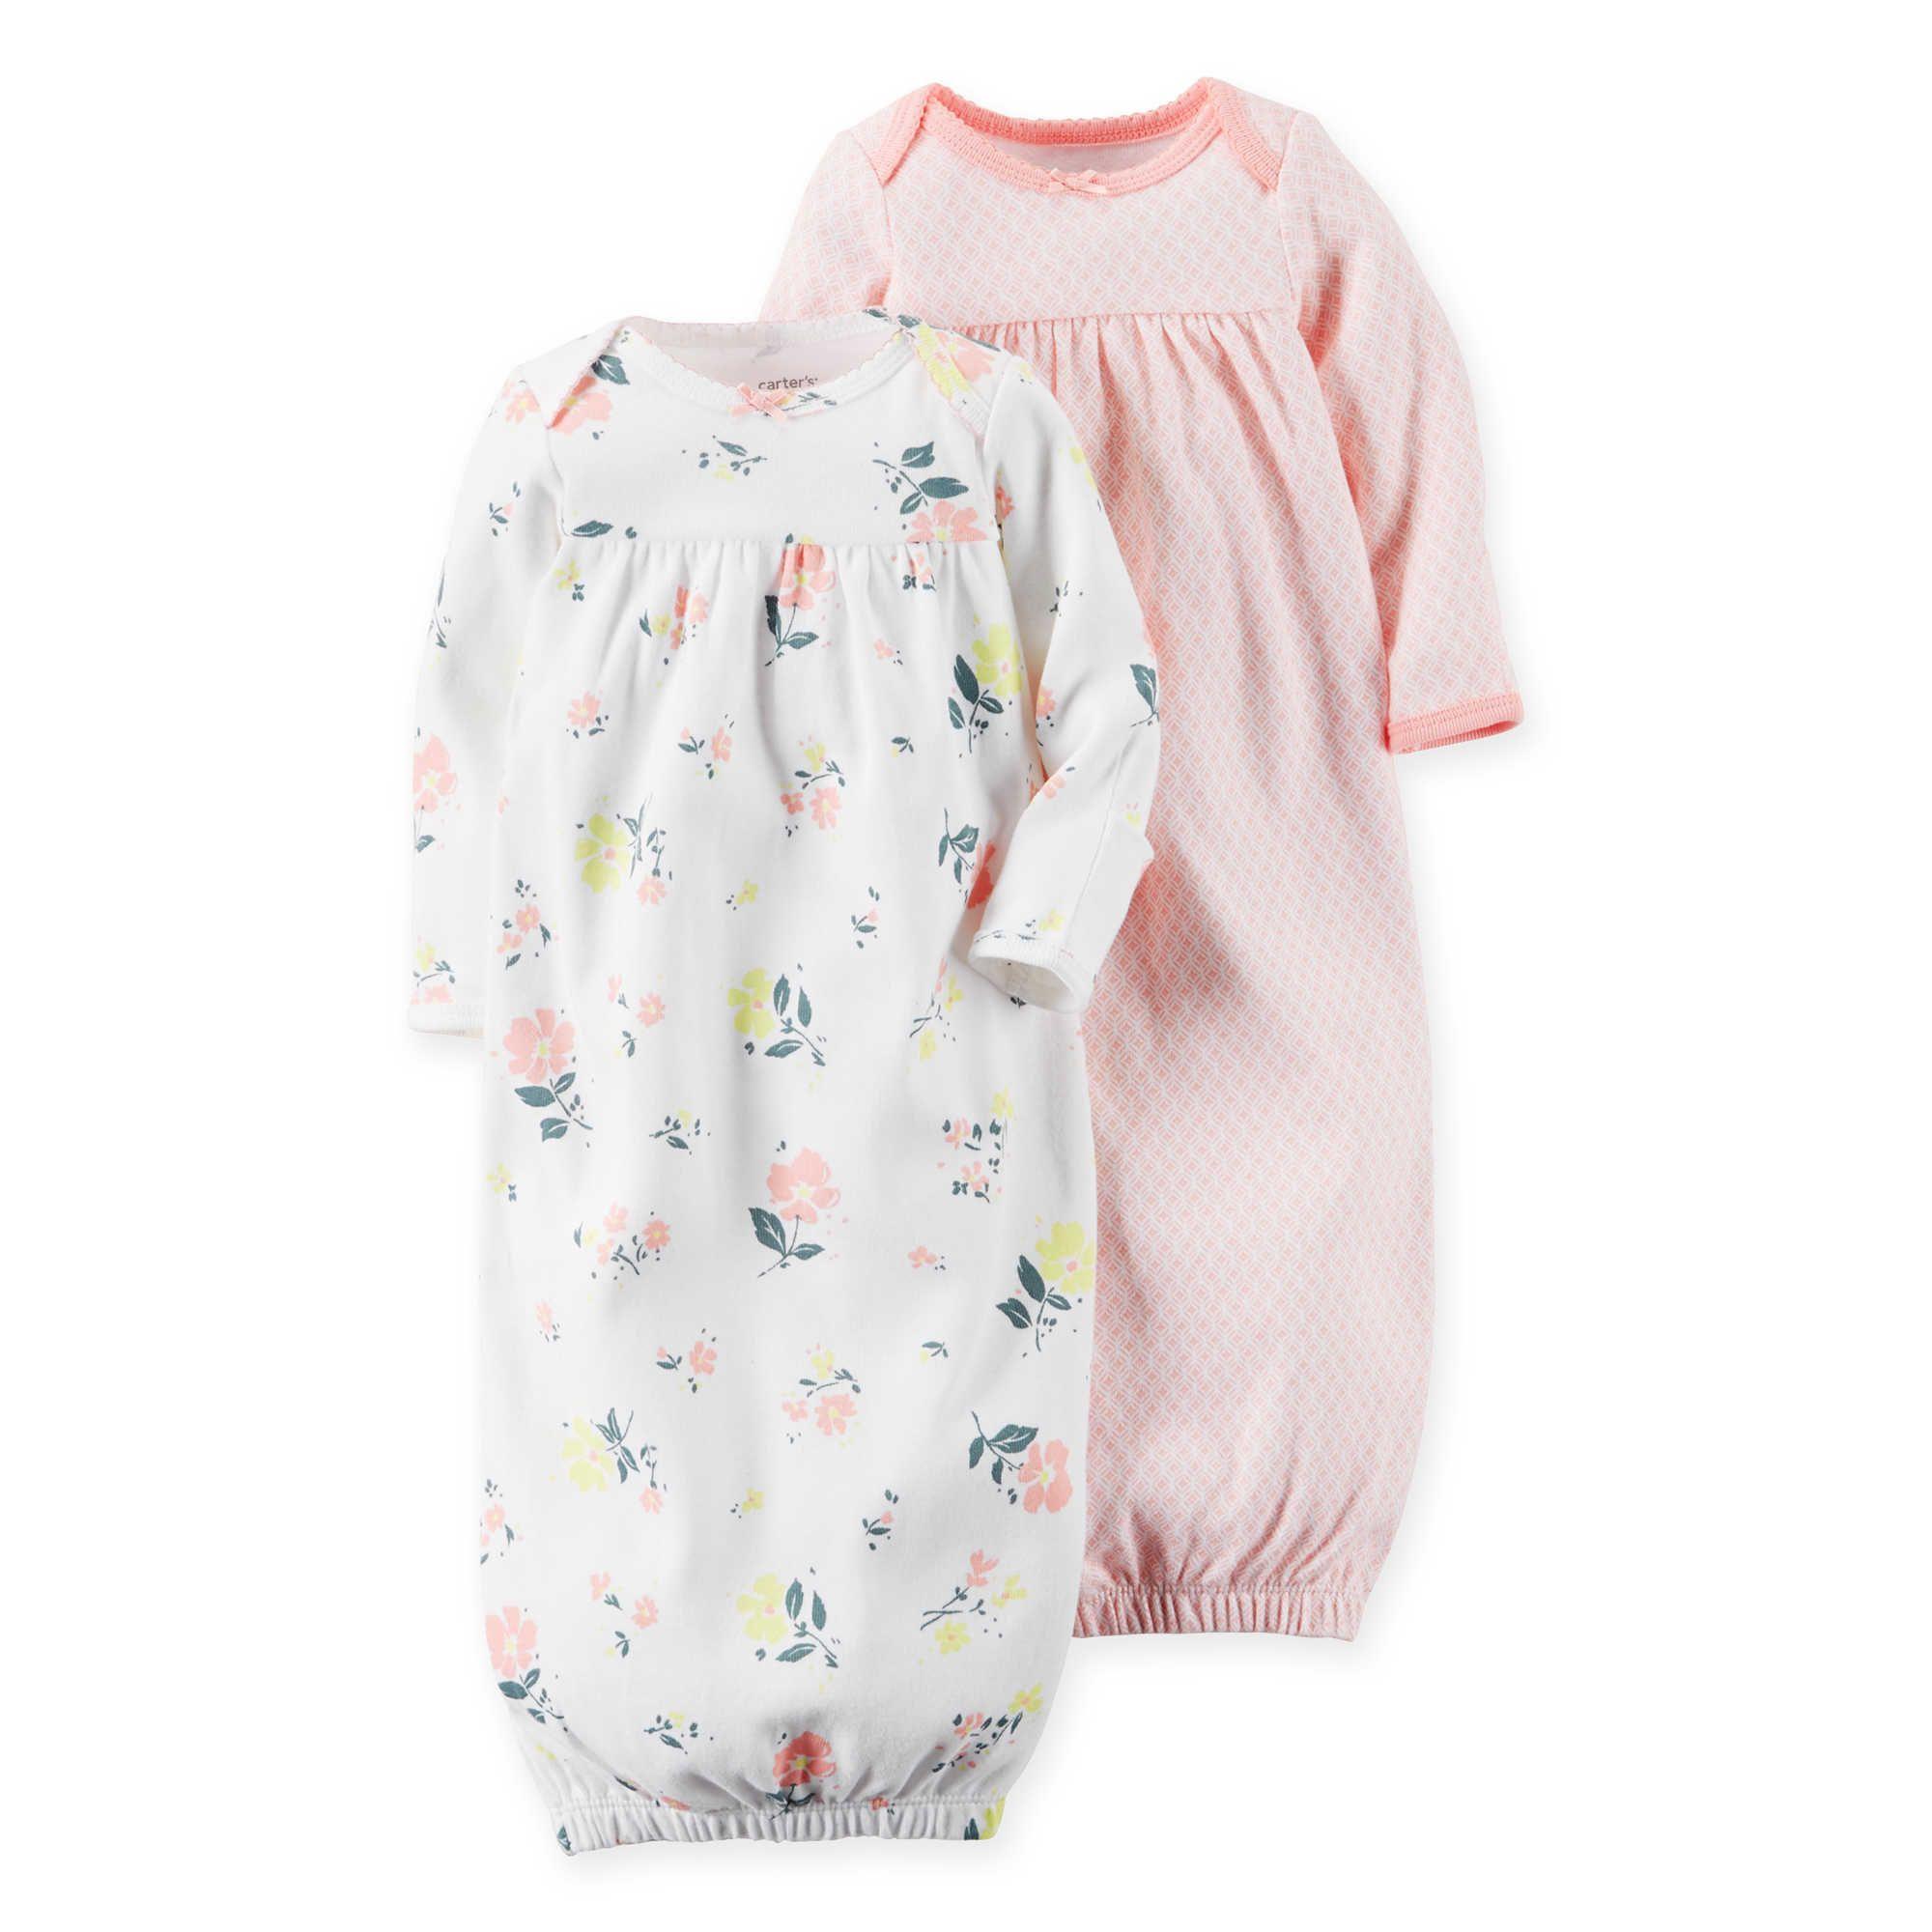 carter\'s® Newborn 2-Pack Babysoft Floral Sleeper Gowns | Bebe ...